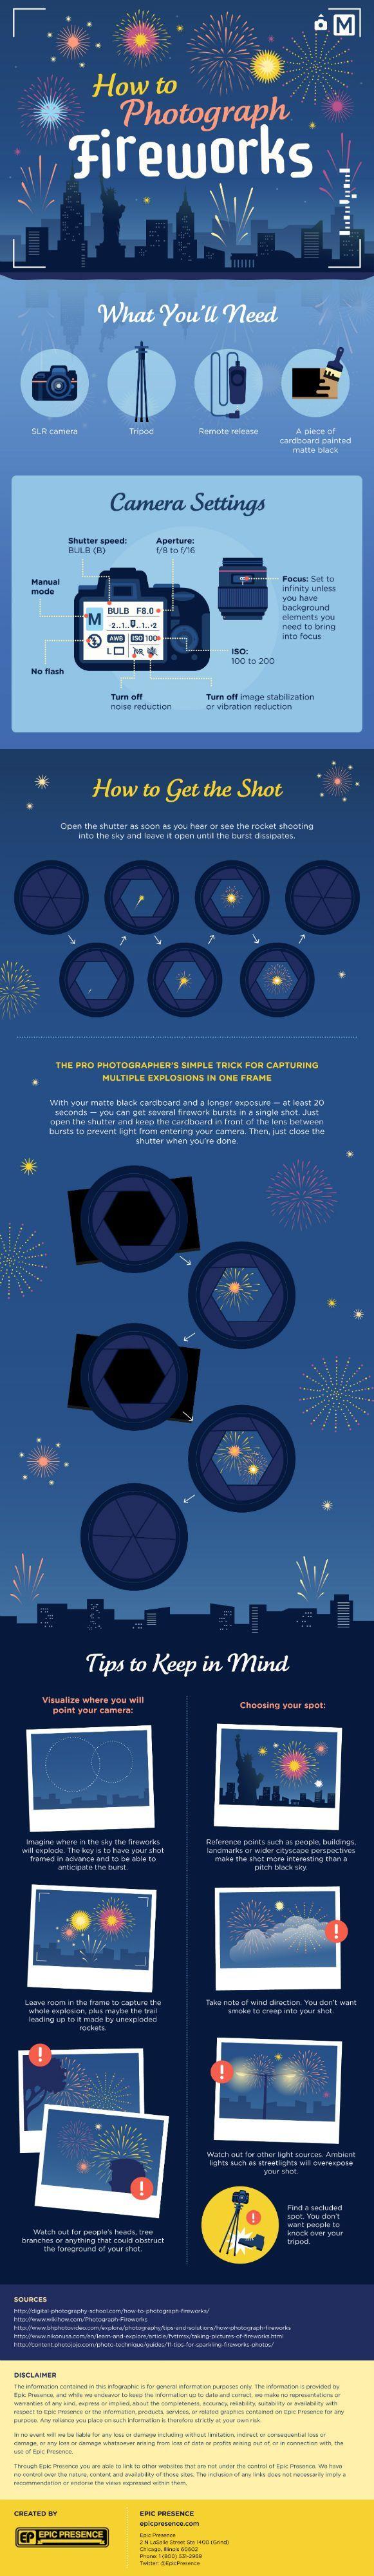 Tipps, die Sie verwenden können, um bessere Fotos von Feuerwerkskörpern zu machen – #bessere #Die #Feuerwerkskörpern #fotos #können #machen #Sie #Tipps #um #verwenden #von #zu – Photo Vea